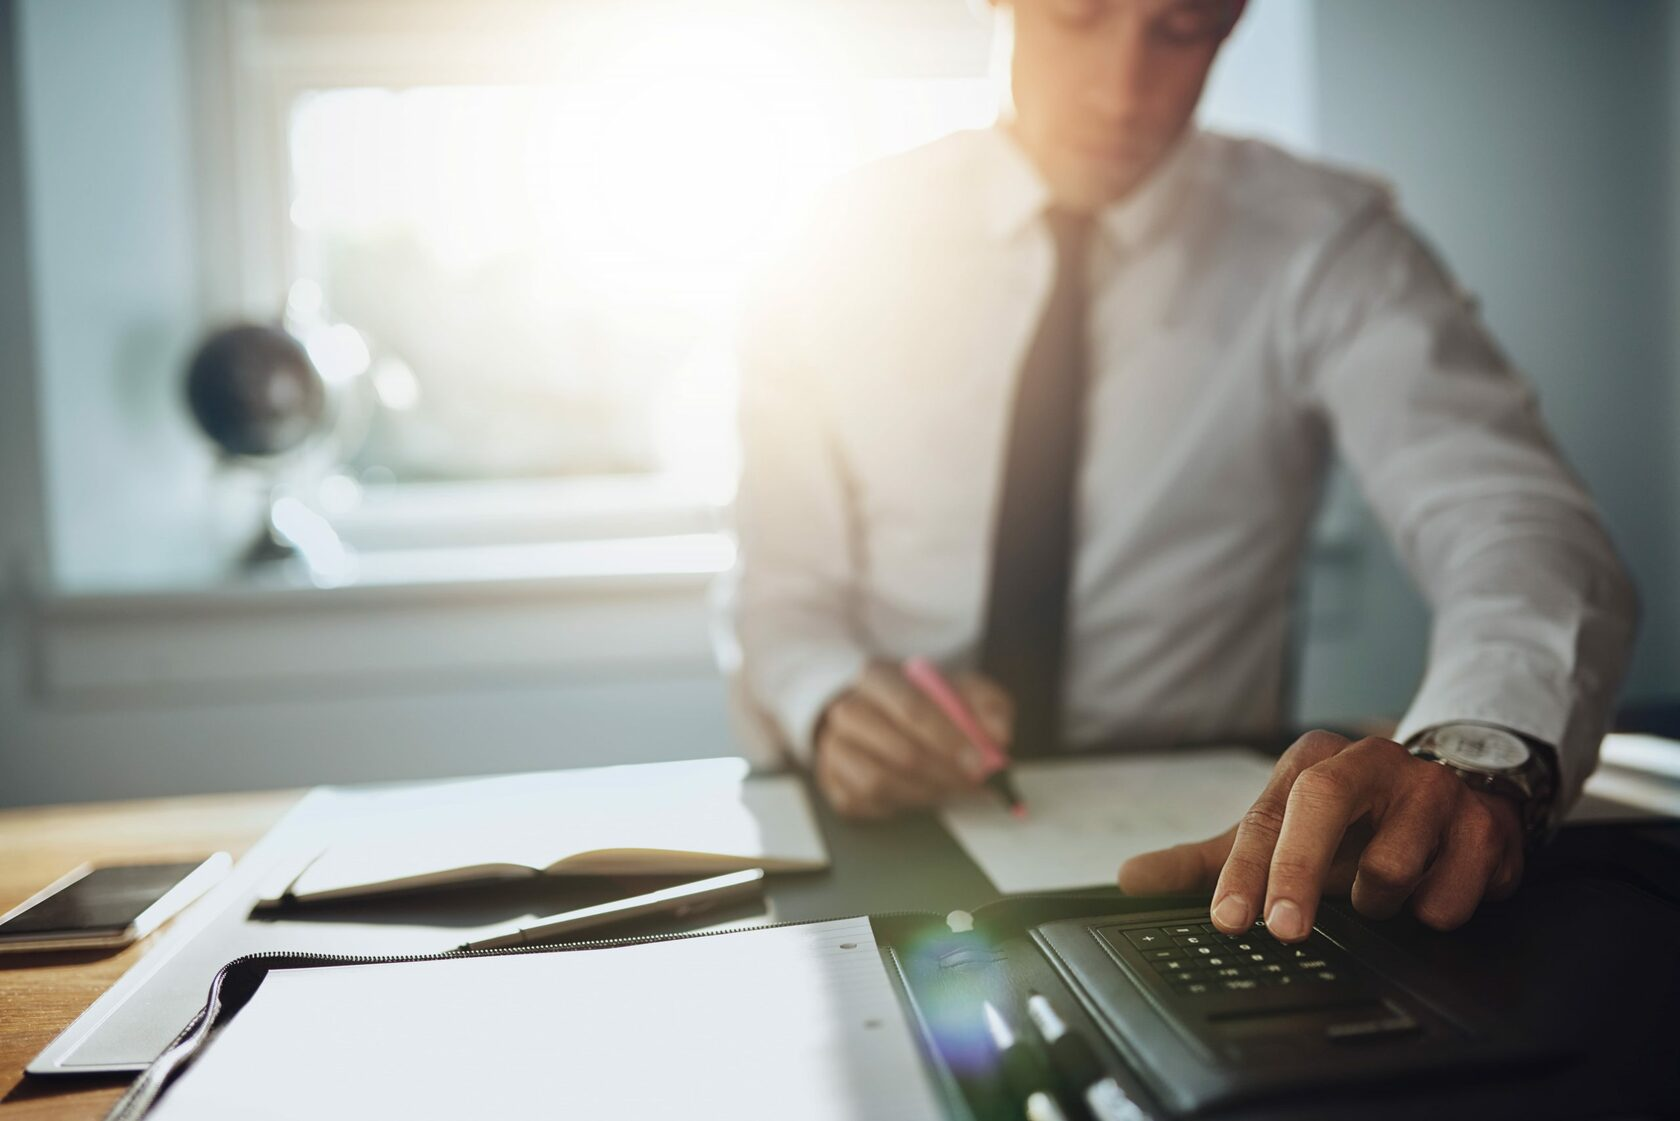 Налоговая решила «взяться» за продавцов товаров и услуг, которые принимают оплату на карточные счета физлиц